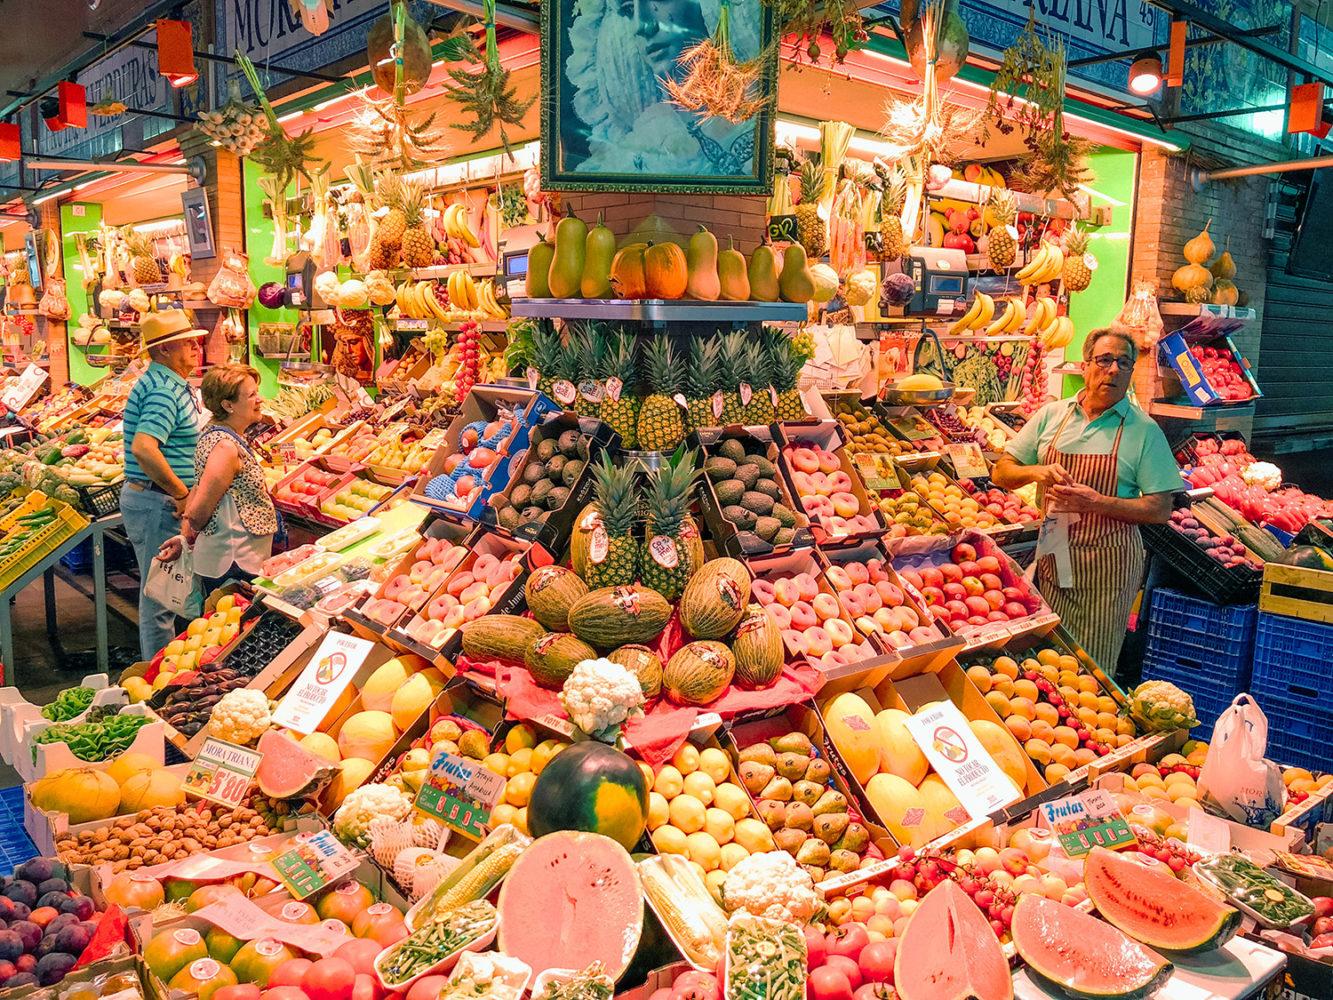 Primeur avec un étal de fruits et légumes colorés